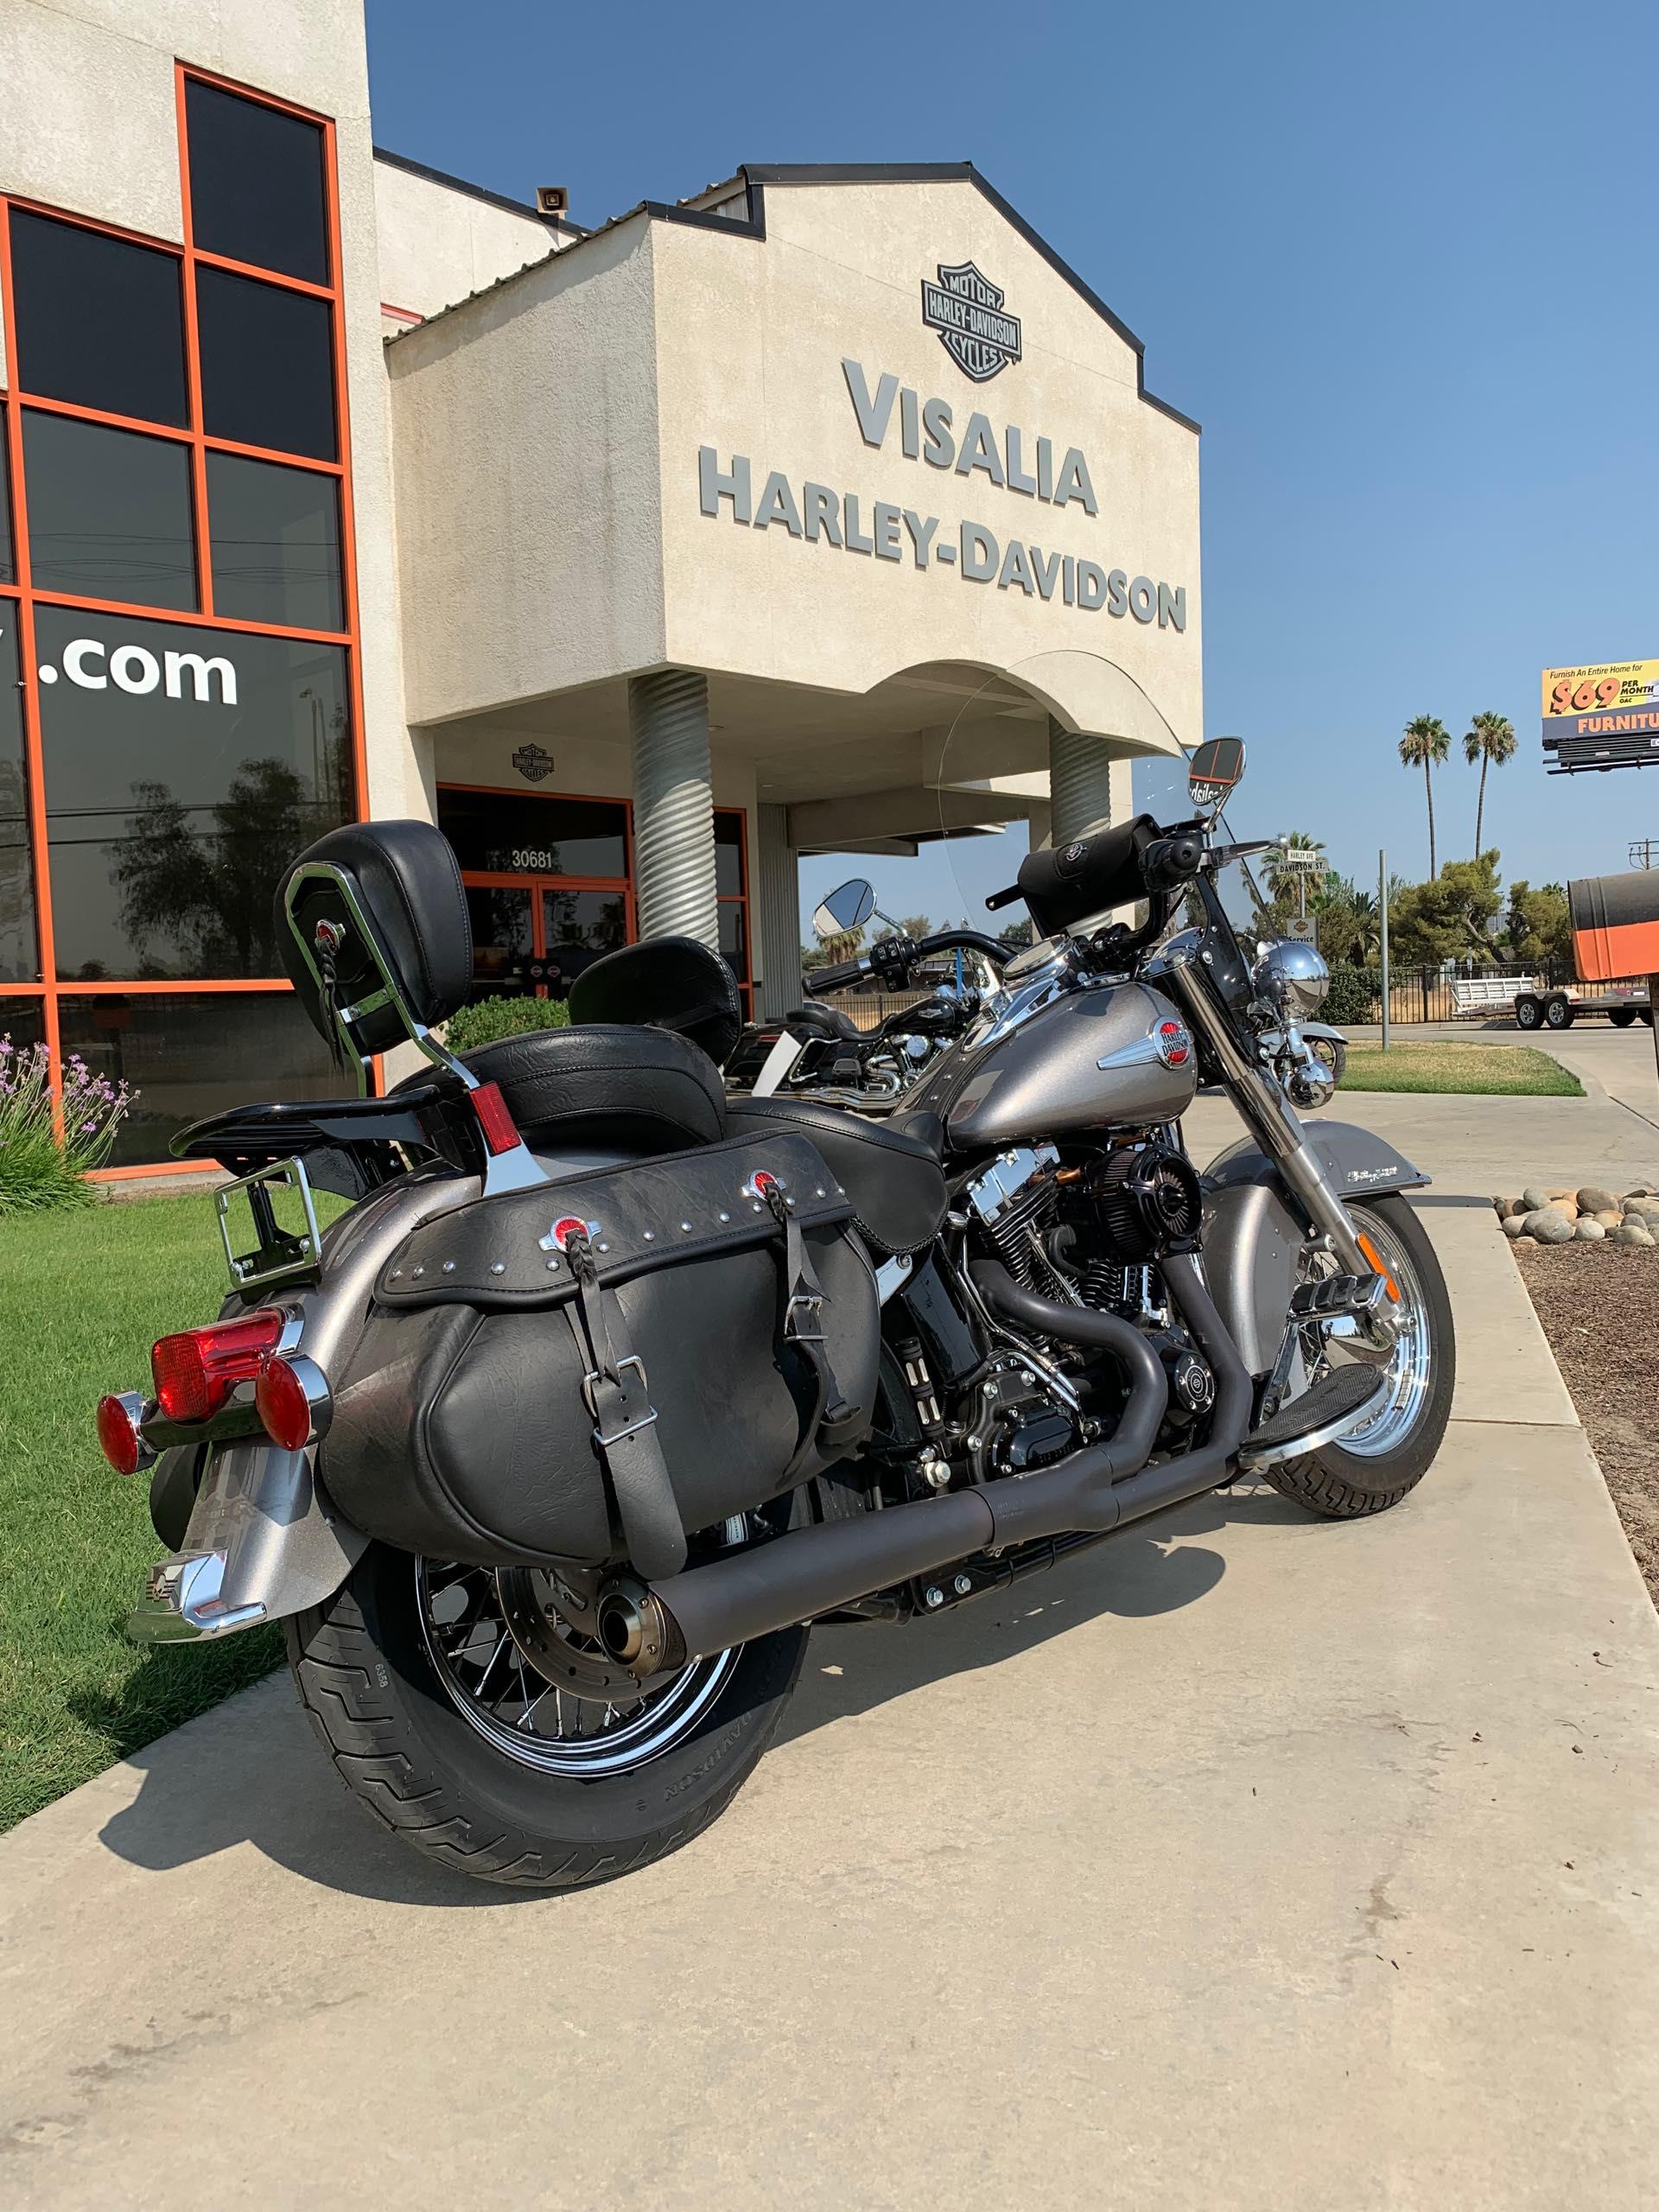 2016 Harley-Davidson Softail Heritage Softail Classic at Visalia Harley-Davidson